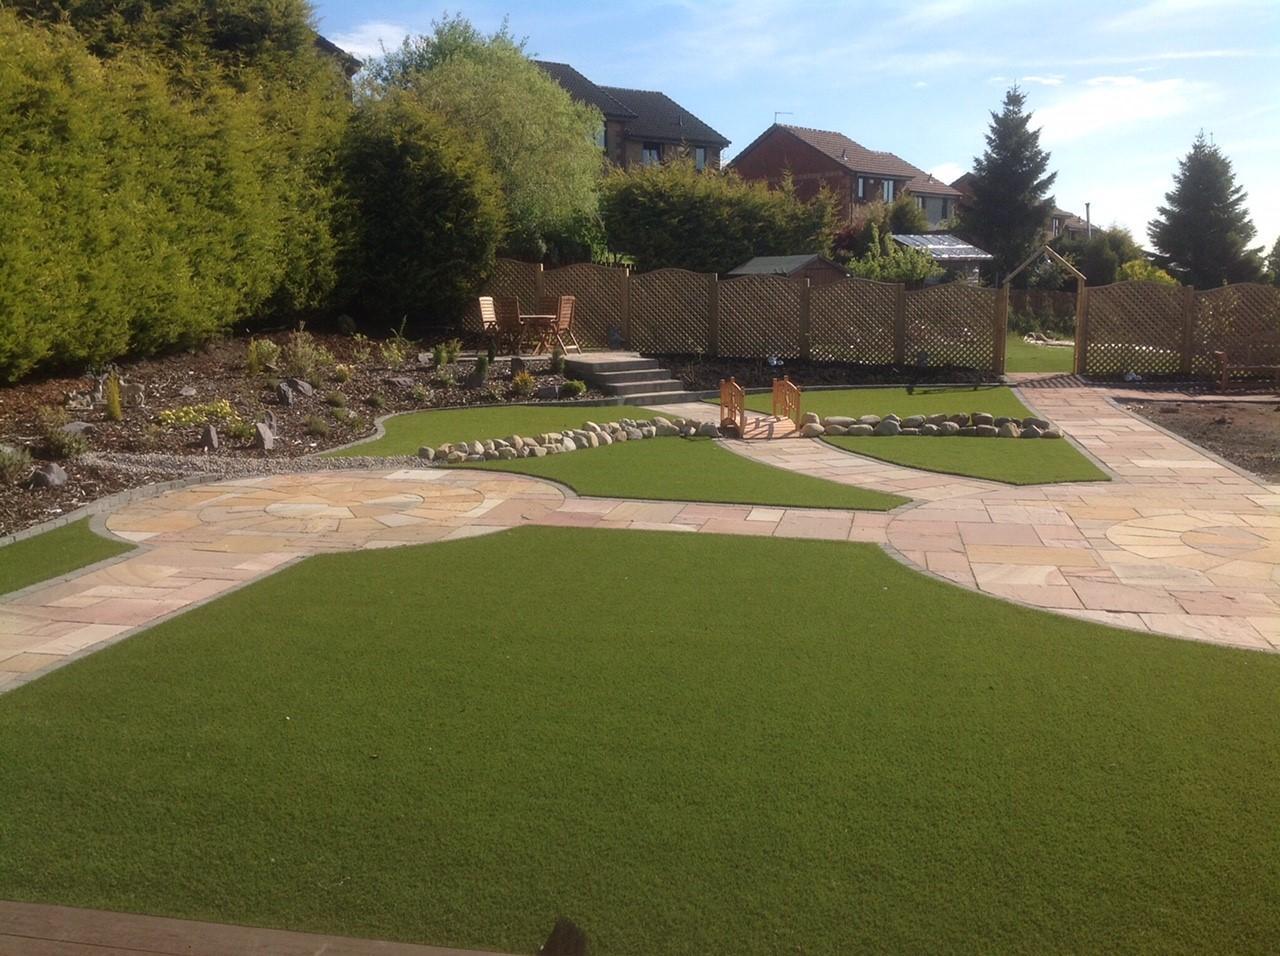 Anderson landscaping glasgow landscape gardening for Garden design glasgow